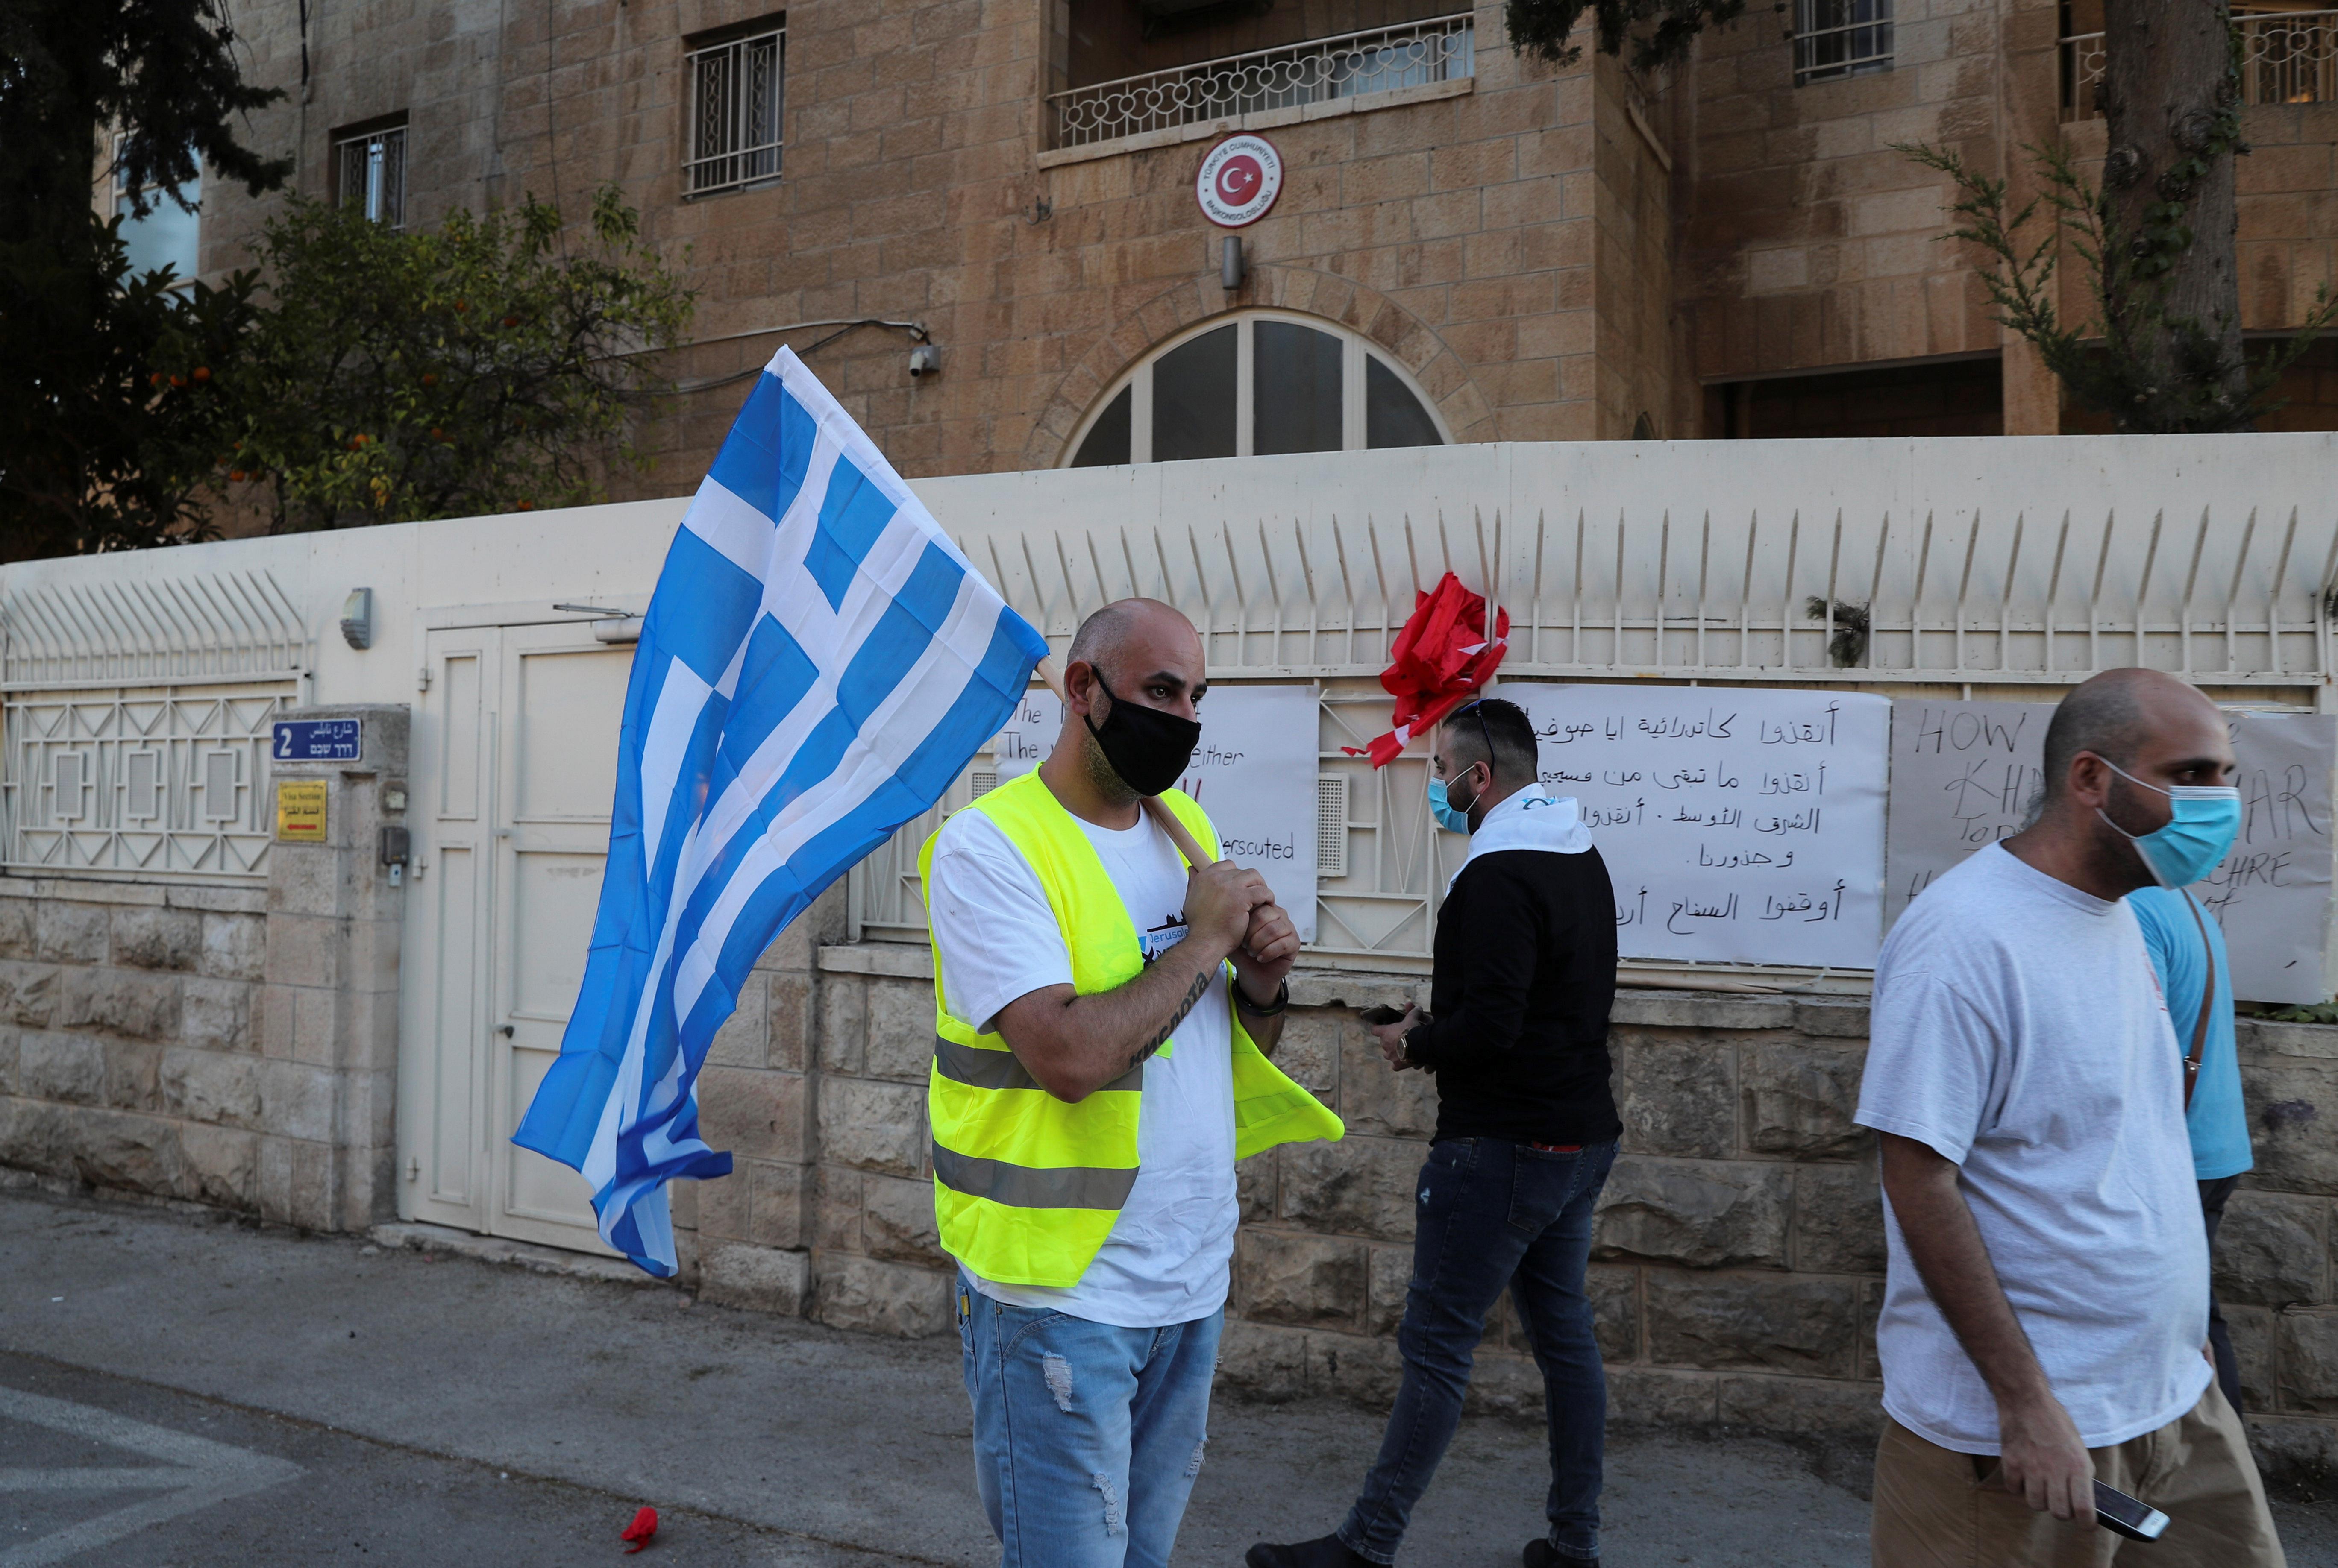 İsrailli gruptan, Türk bayrağına alçak saldırı #5